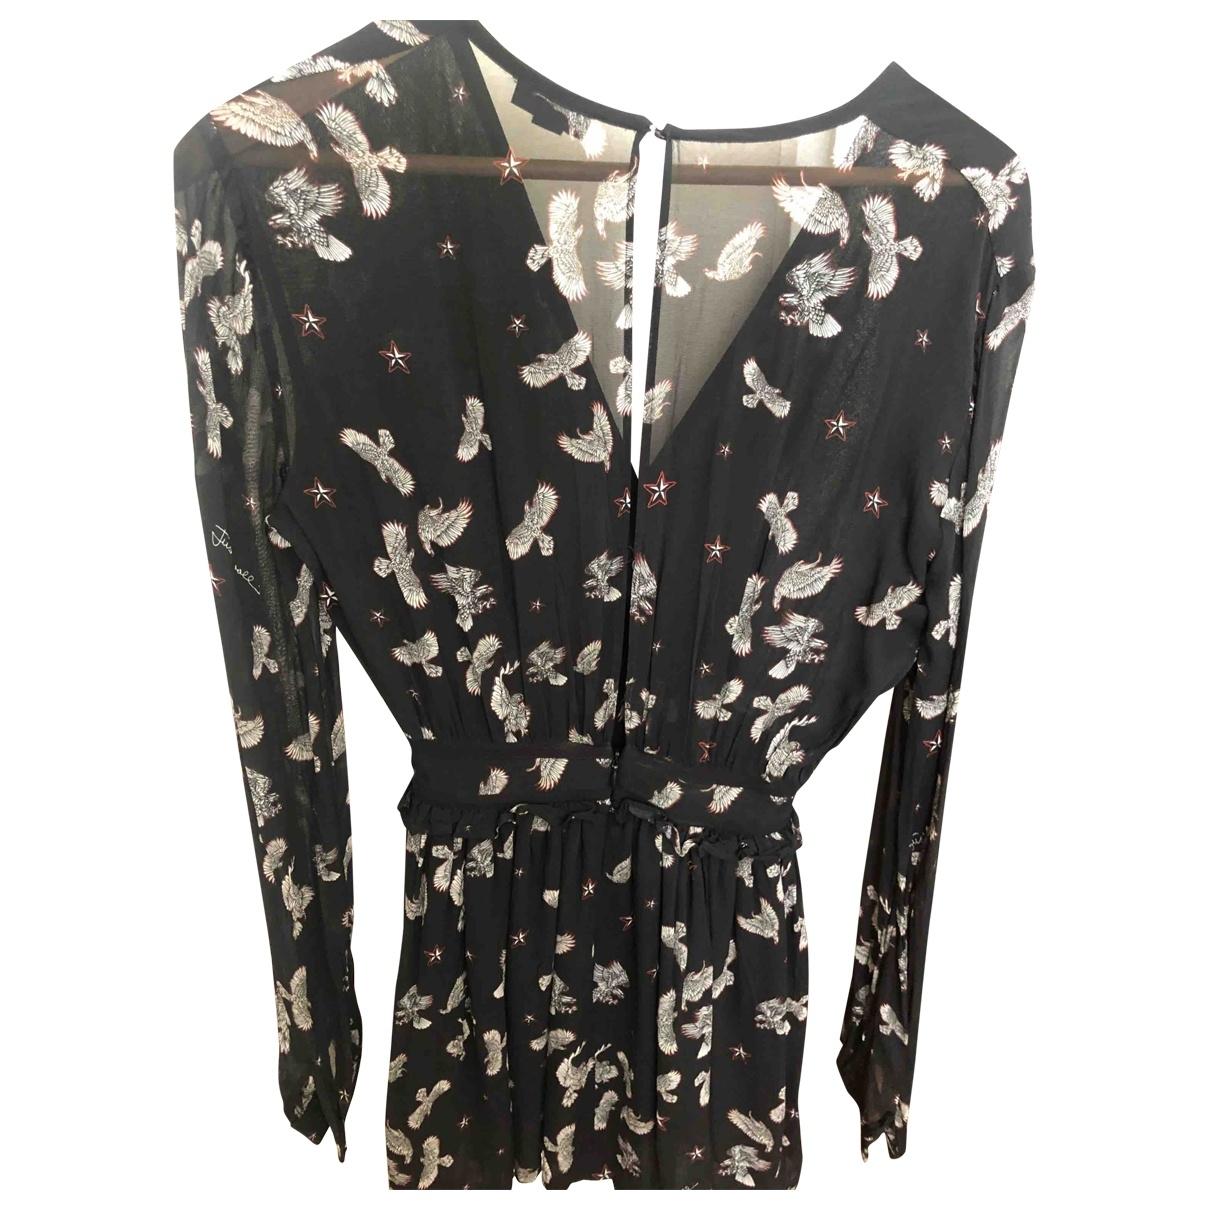 Just Cavalli \N Black dress for Women 38 IT